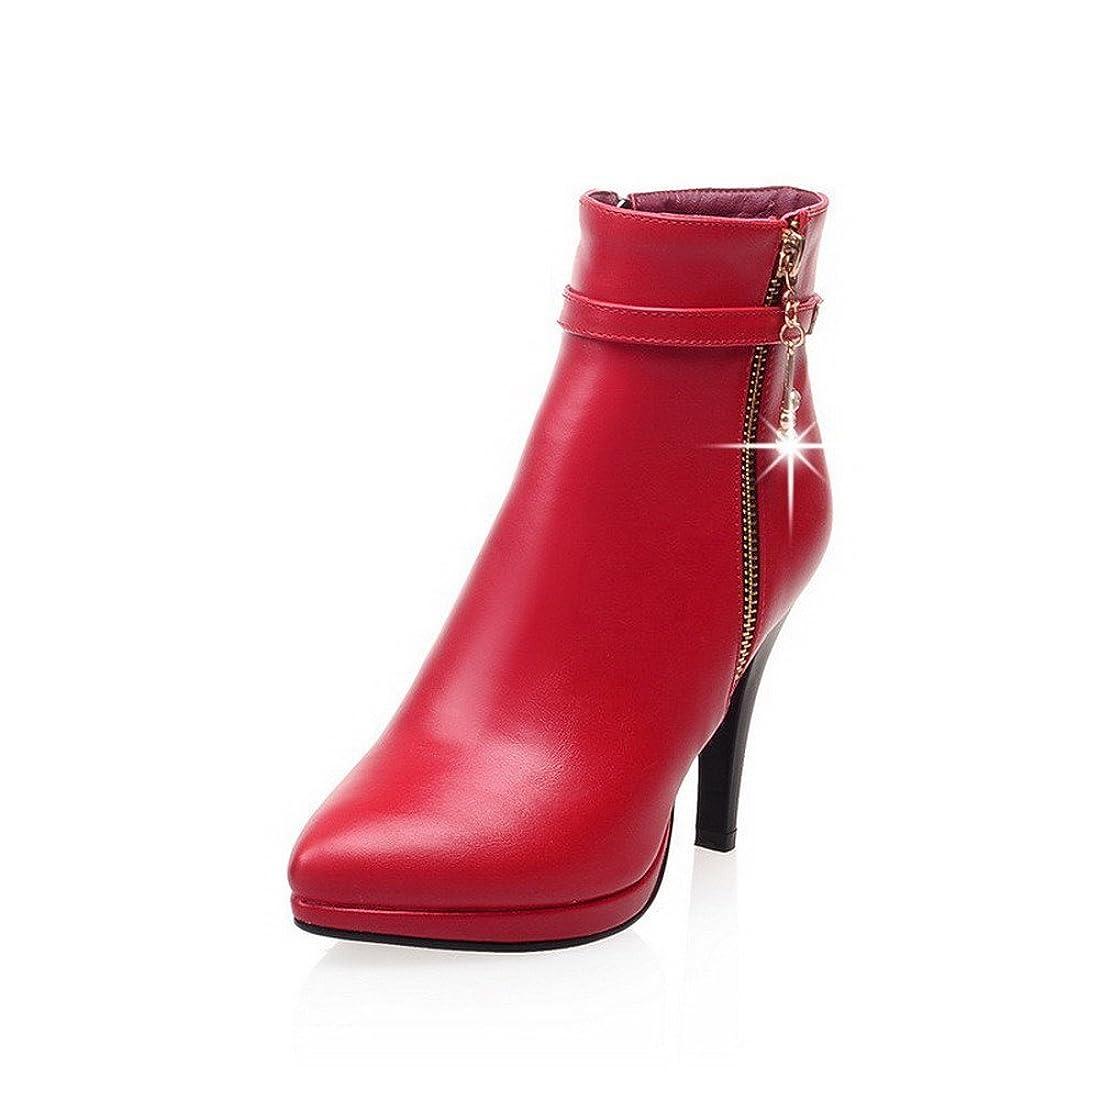 最初は盗難無限大(ウンファッション) WeenFashion ピンヒール 人工ダイヤモンド ジッパー 金属飾り 短靴